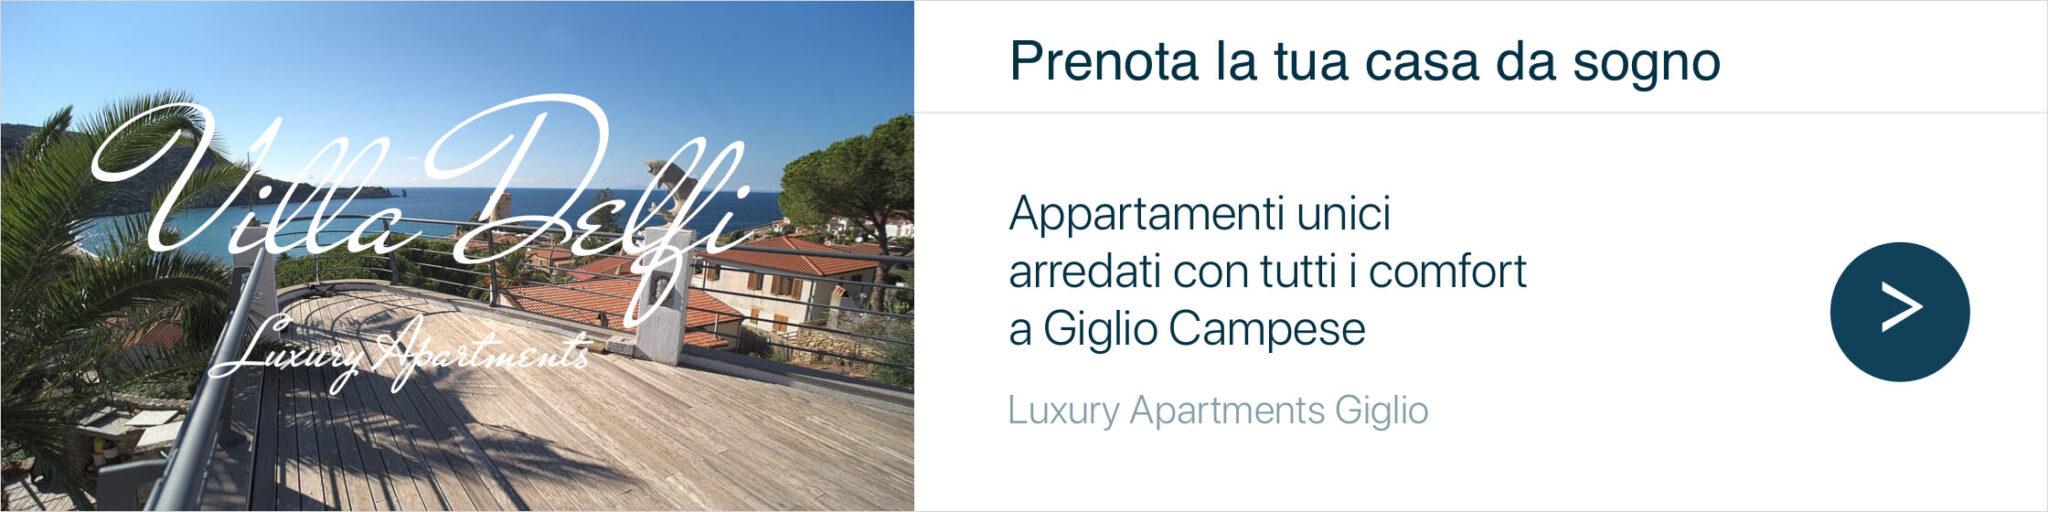 Villa Delfi Appartamenti Giglio Campese Banner